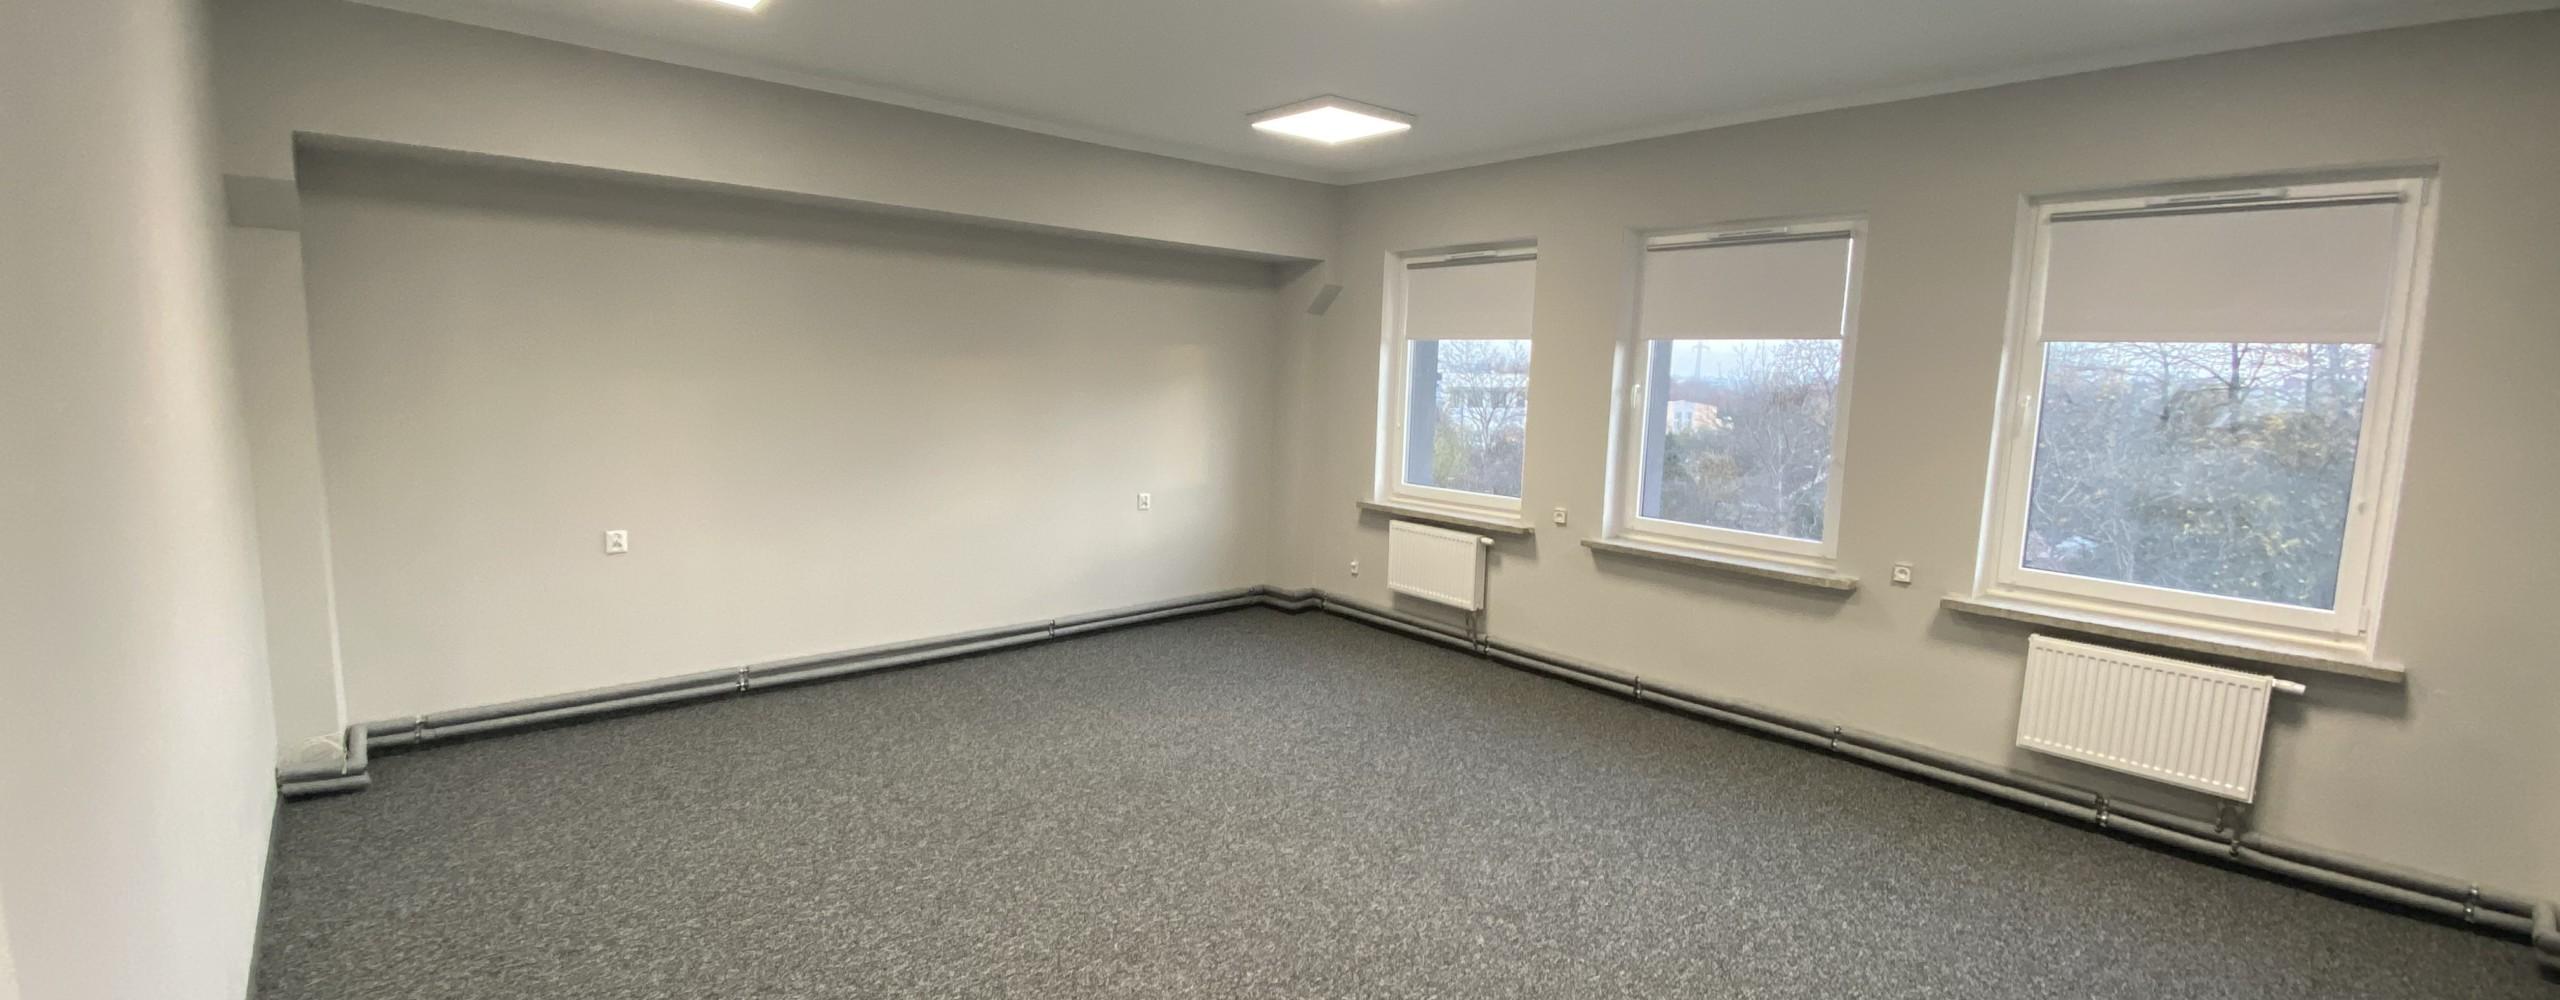 biuro dwupokojowe o łącznej powierzchni 41,2 m<sup>2</sup> - Farbud Nieruchomości - Lublin